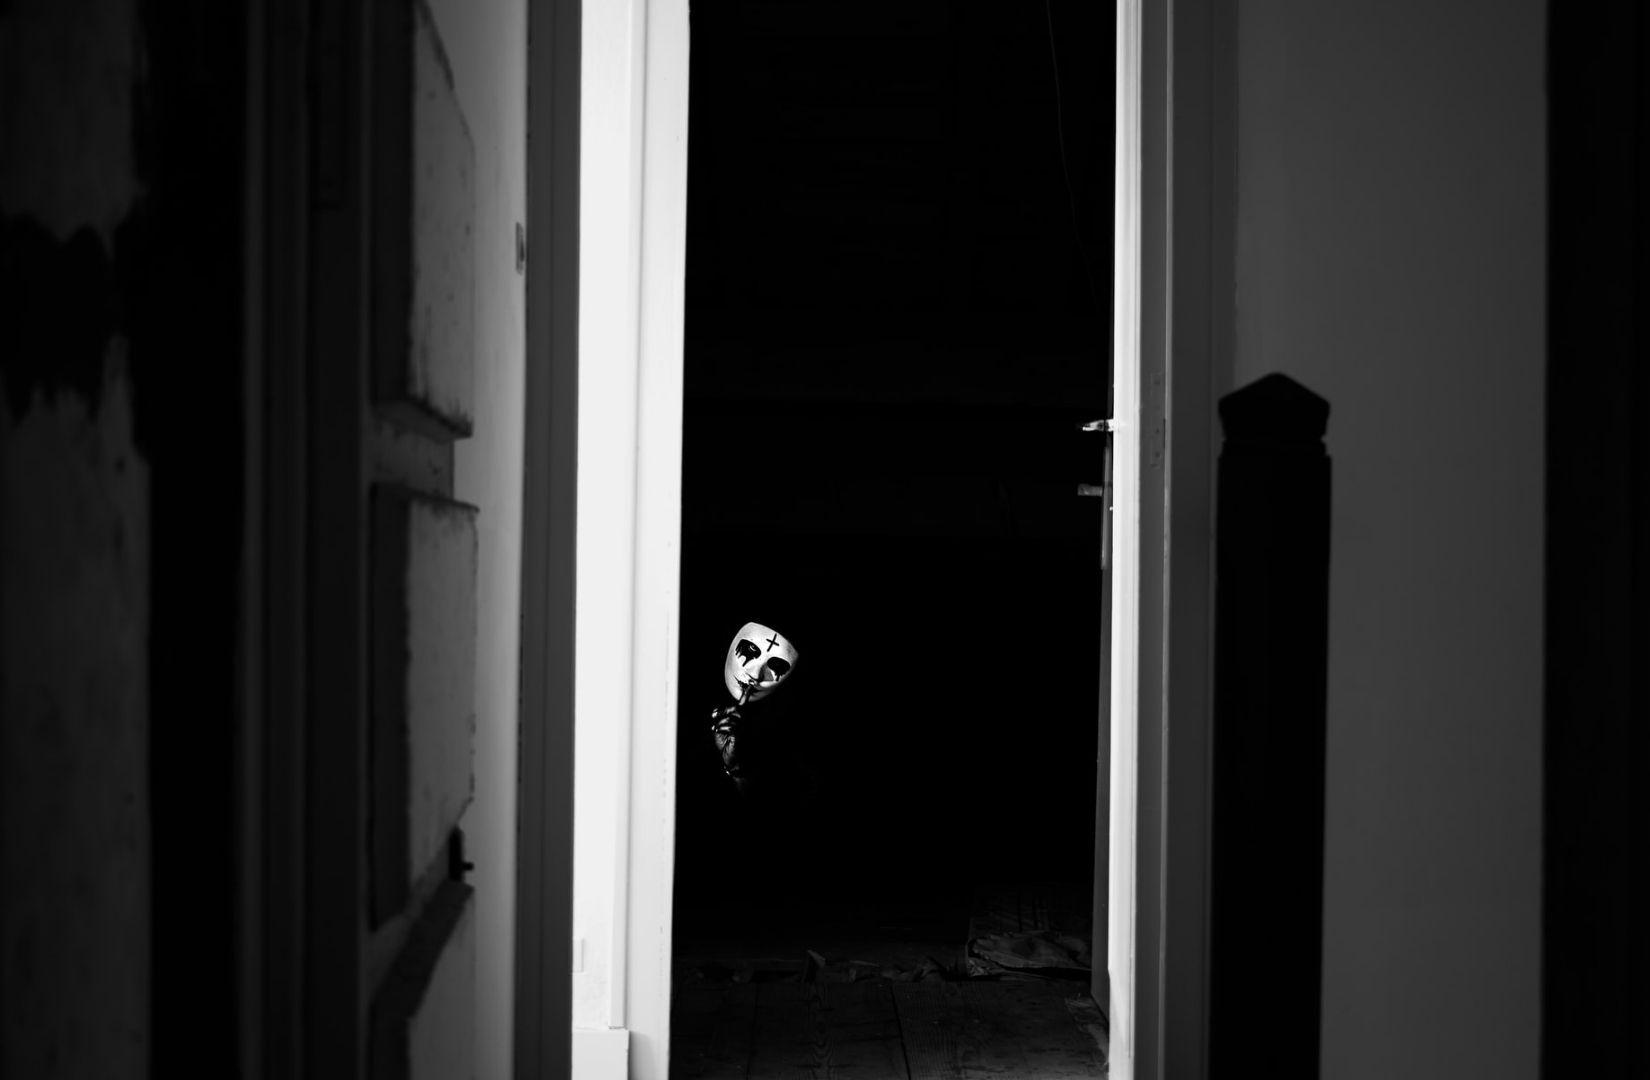 Eine offene Tür als Zustimmung zu einem unerwünschten Besuch. (Foto: Enzo B, Unsplash.com)